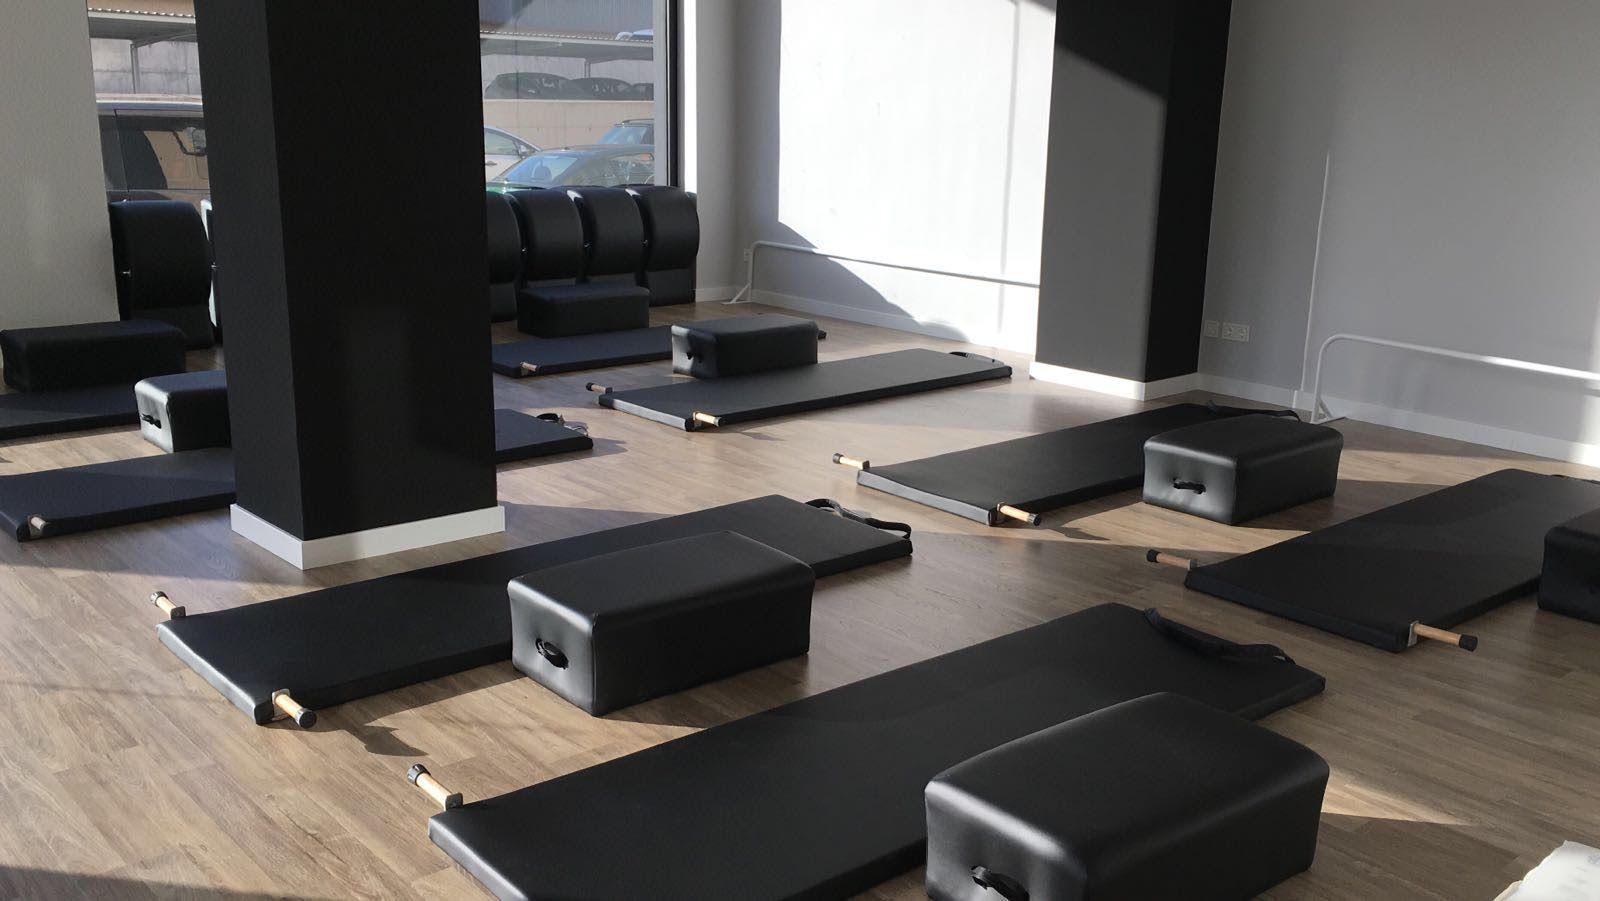 colchonetas para pilates, material-de-pilates-david-belio-4